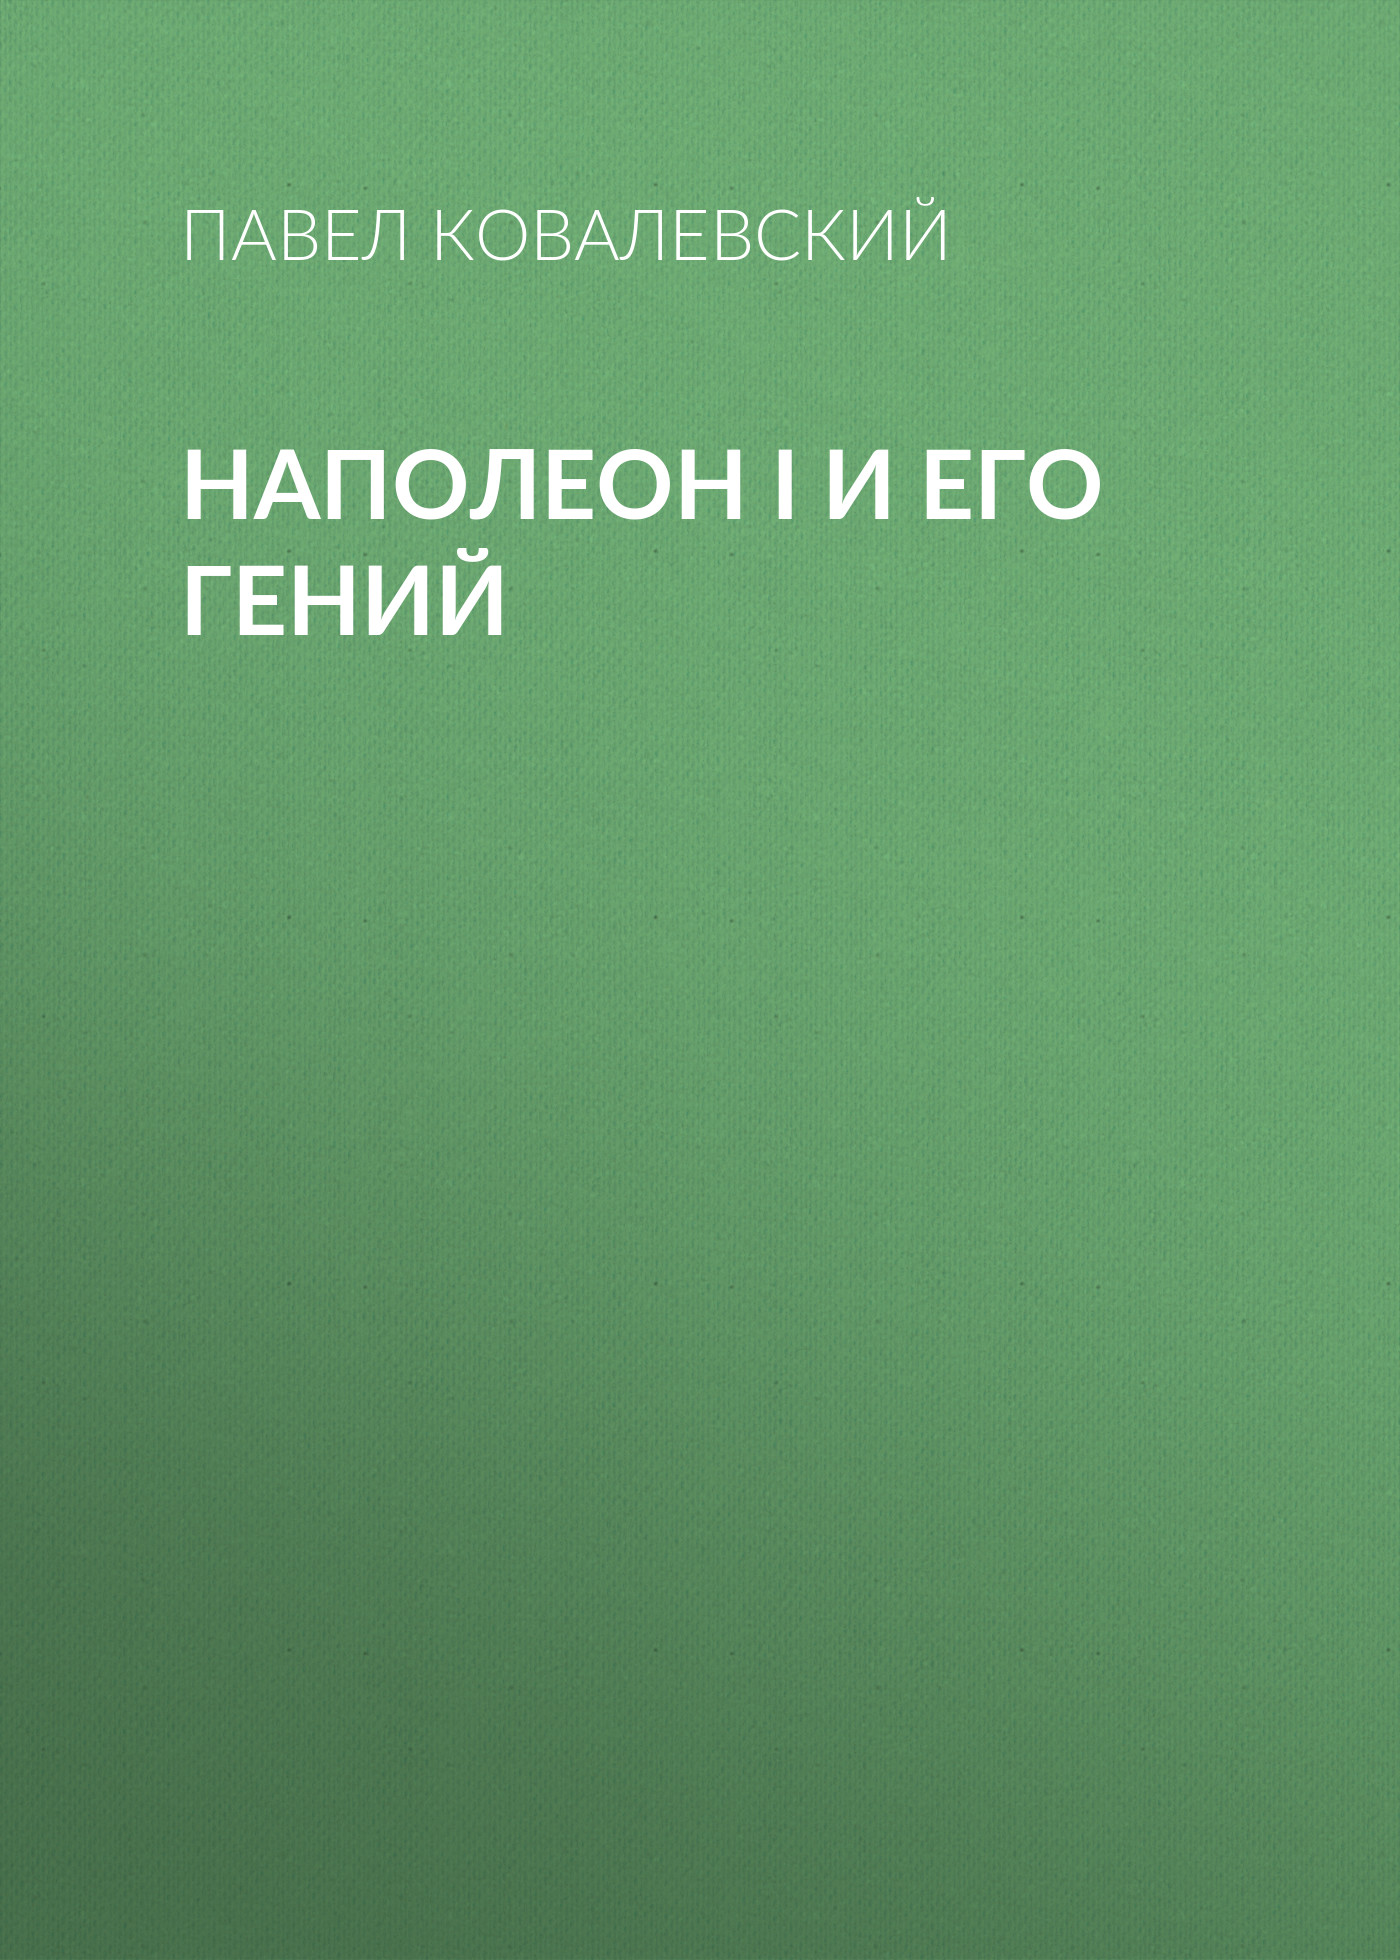 Купить книгу Наполеон I и его гений, автора Павла Ковалевского